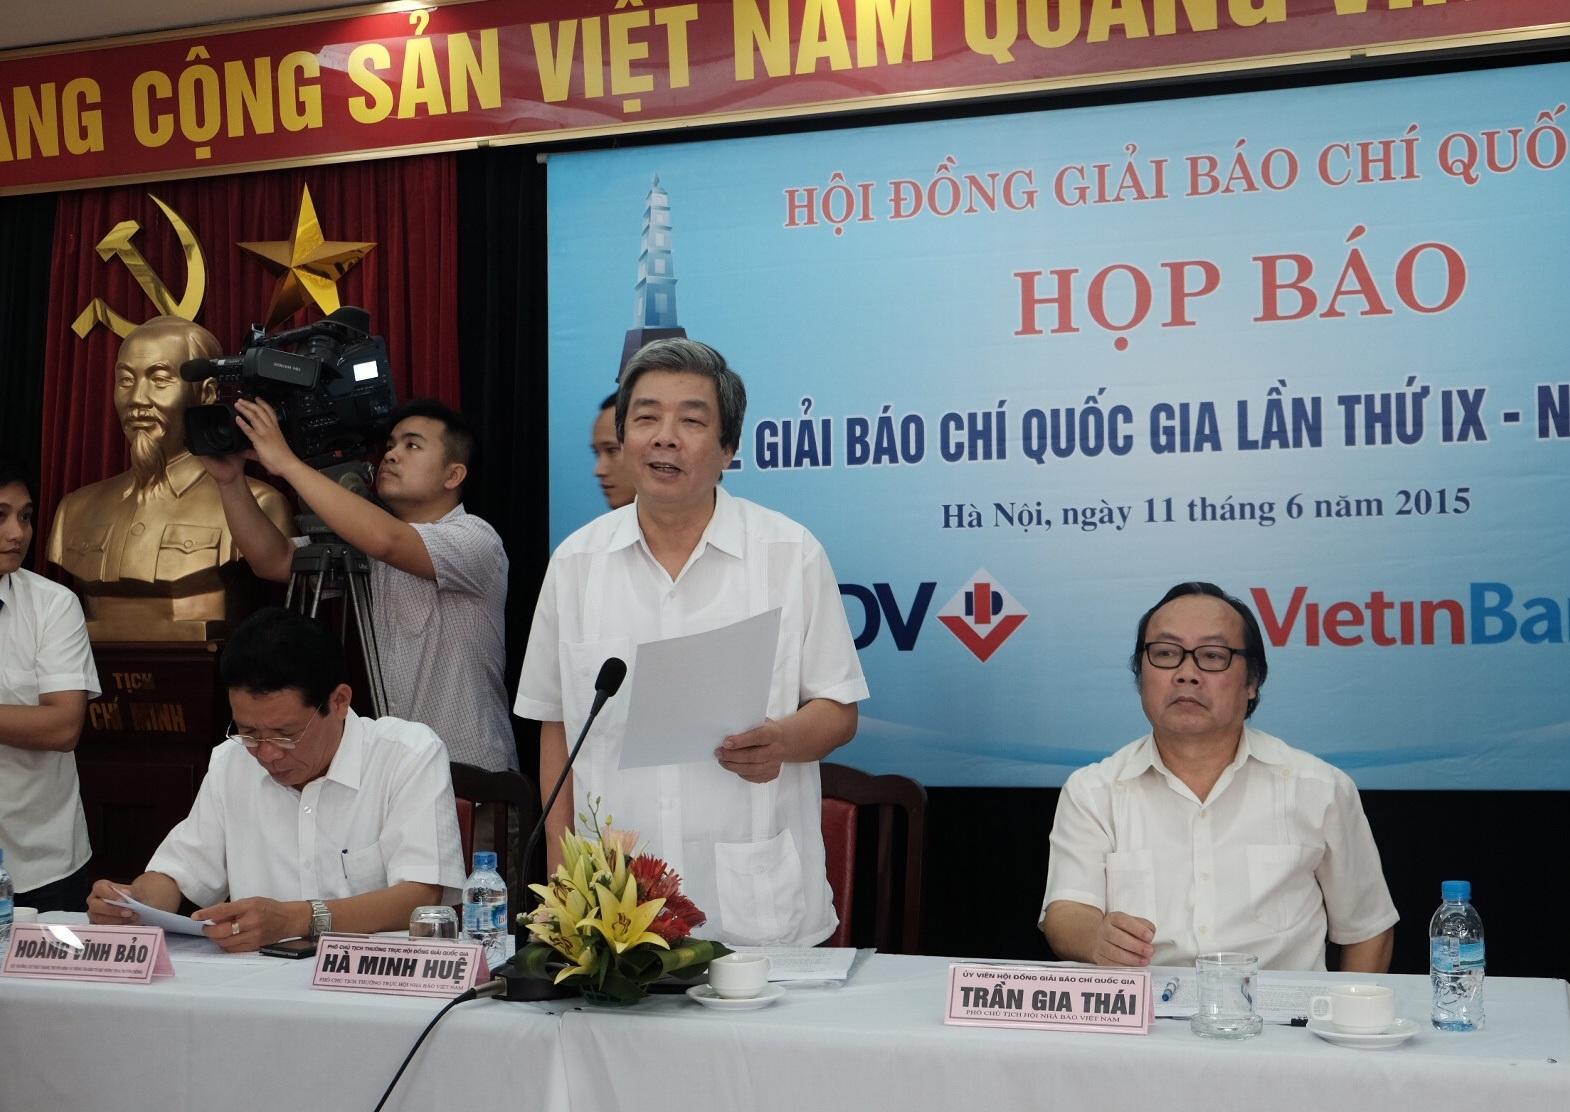 Ông Hà Minh Huệ phát biểu tại cuộc họp báo.